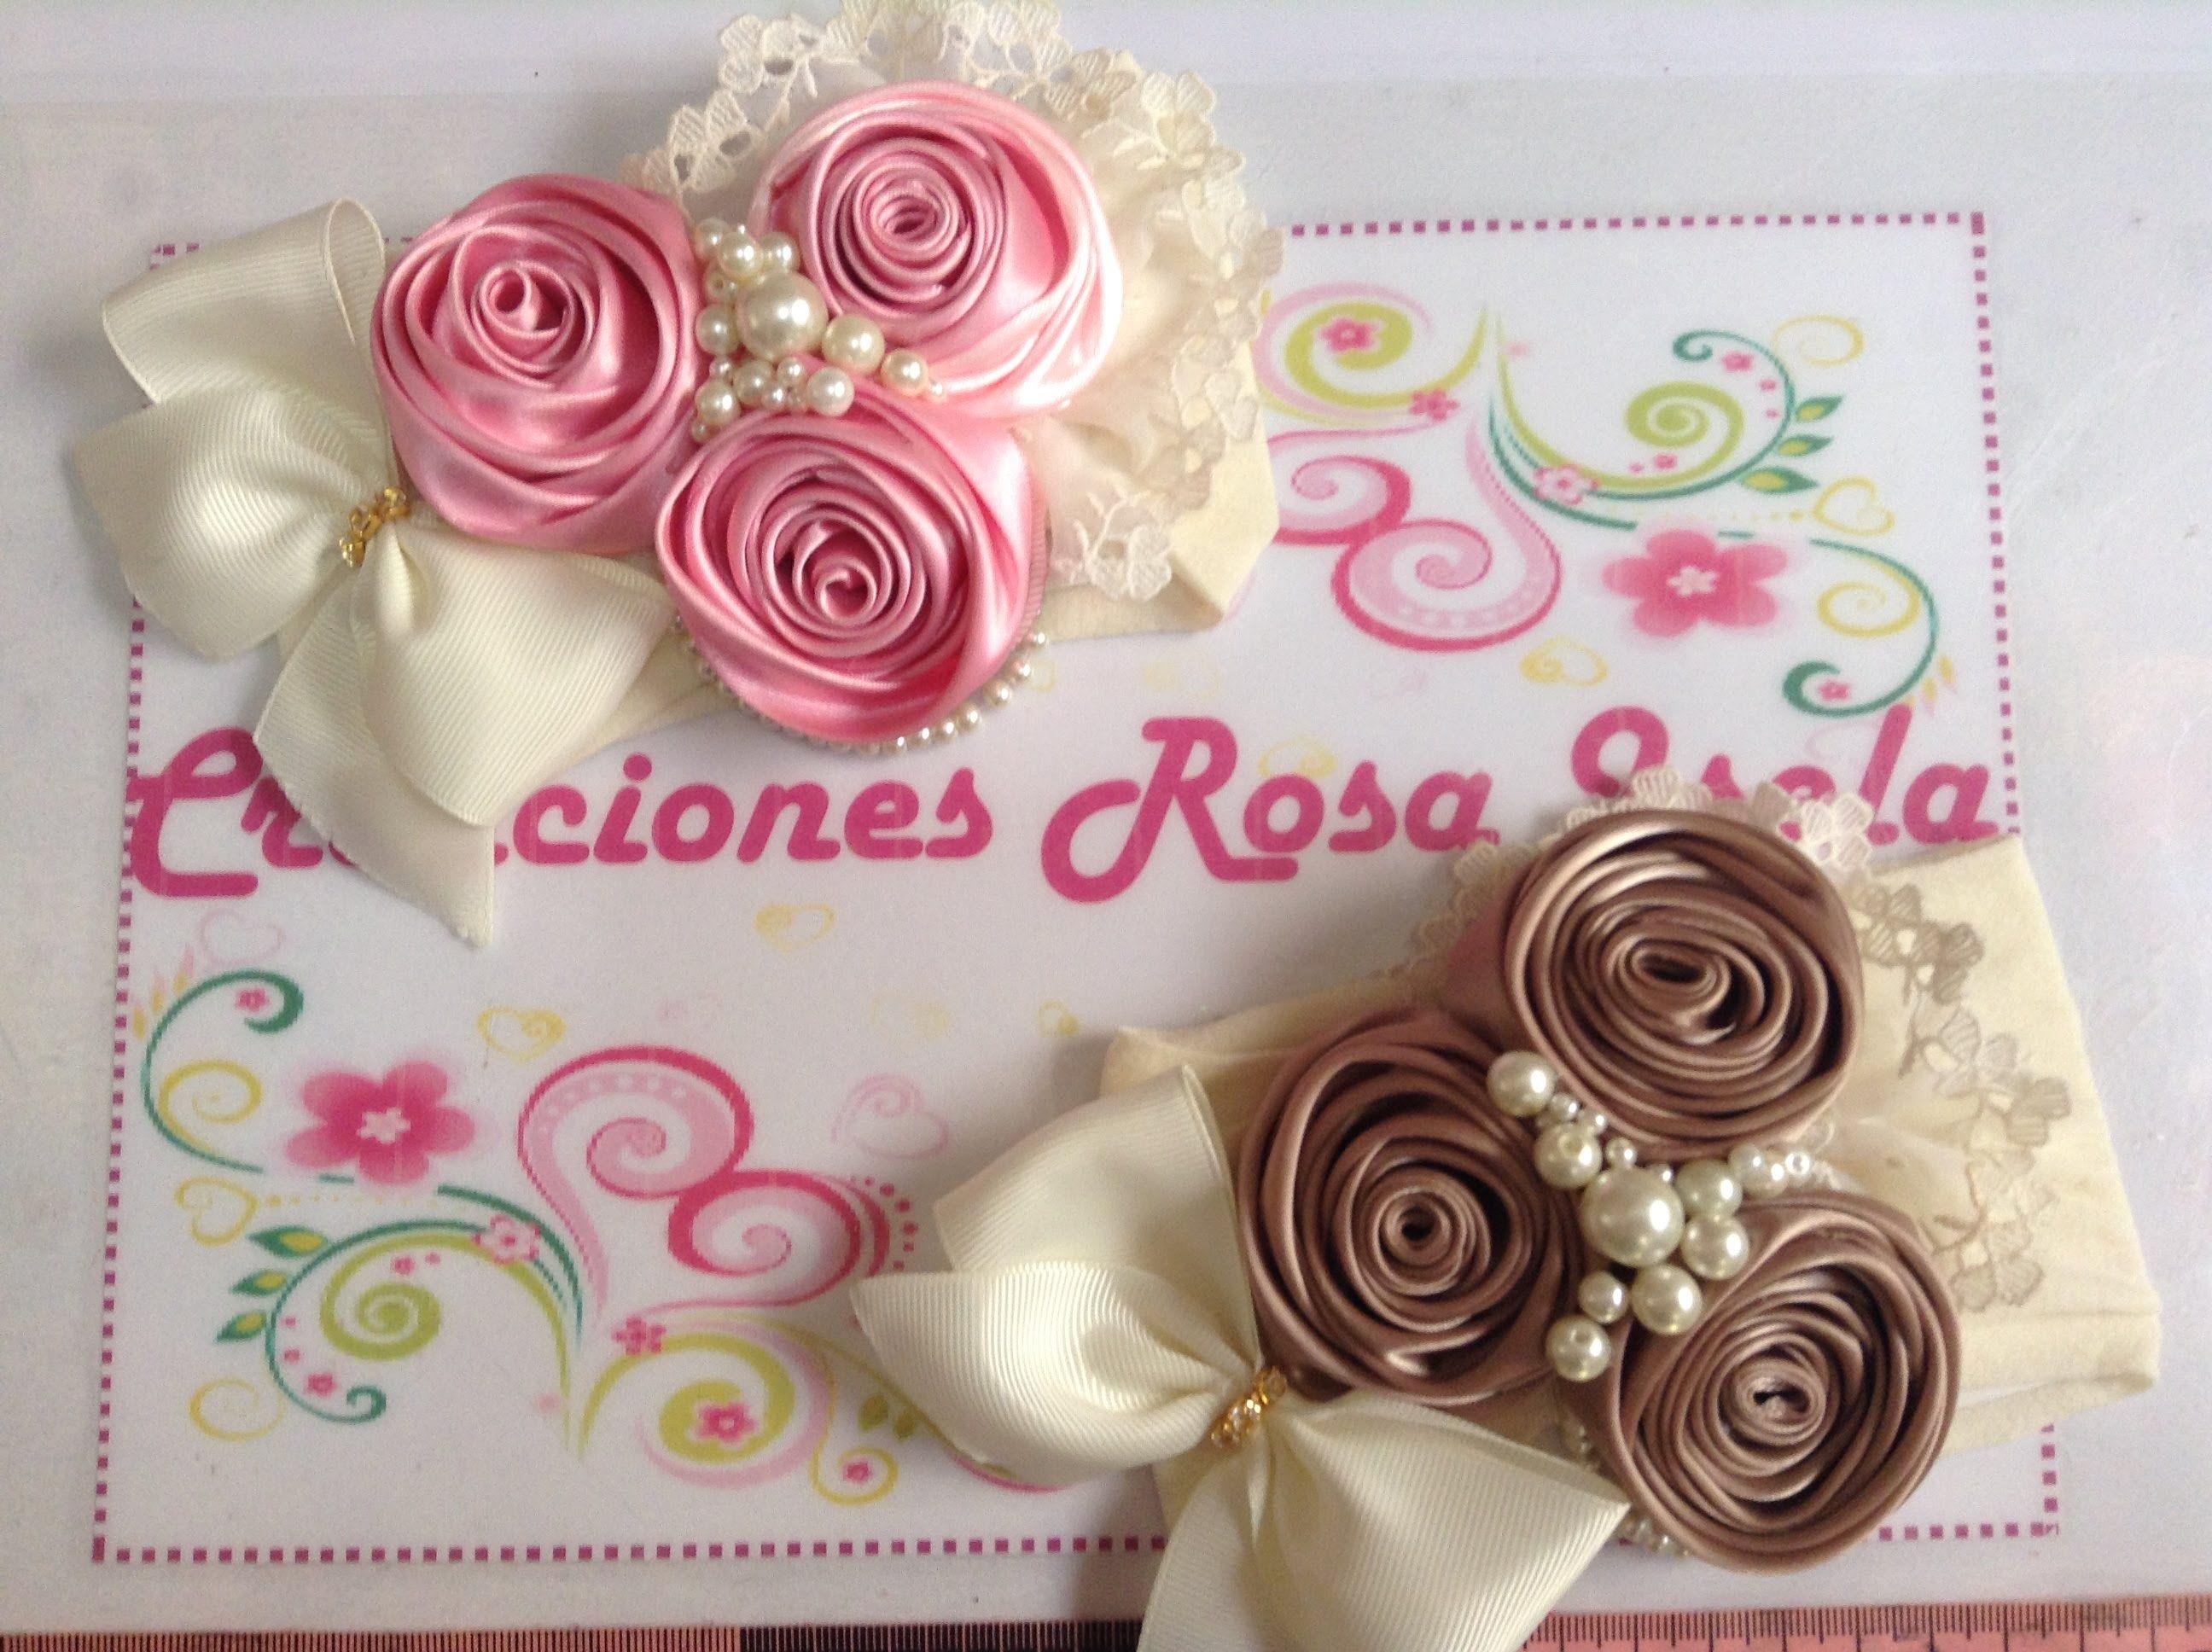 Tiara de rosas con perlas Creaciones Rosa Isela